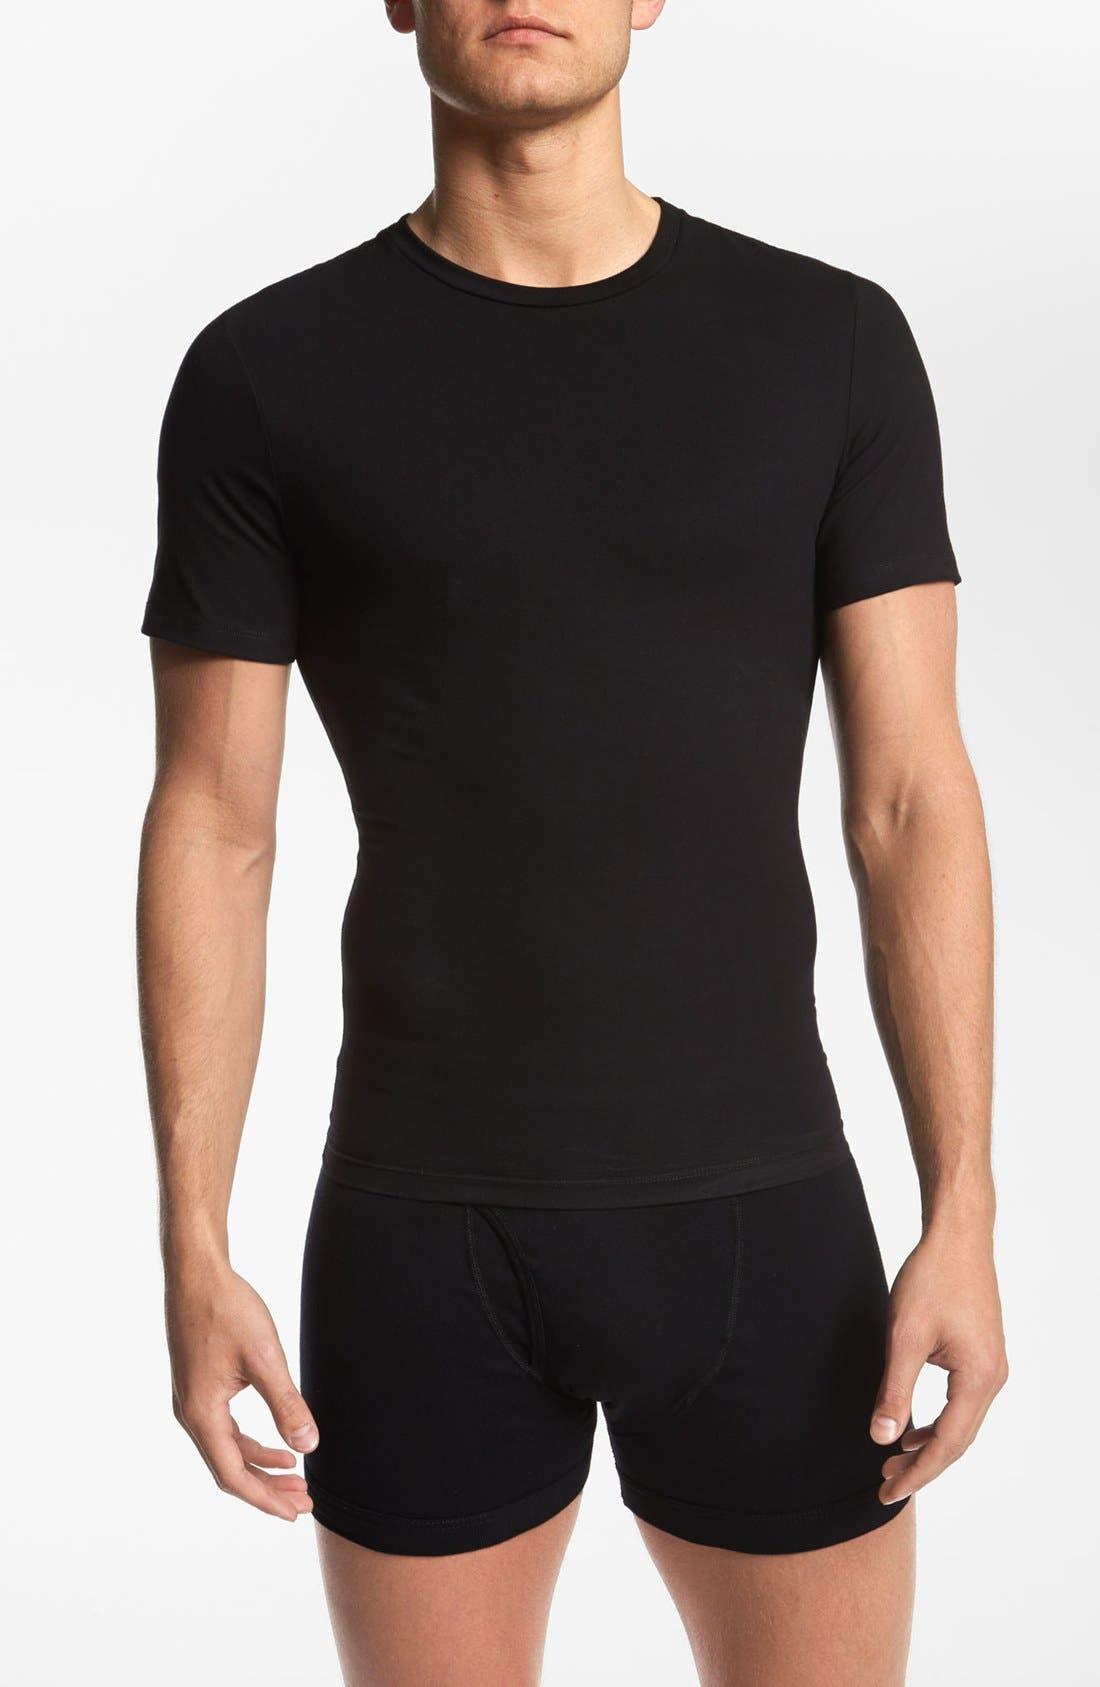 Crewneck Cotton Compression T-Shirt,                             Main thumbnail 1, color,                             BLACK